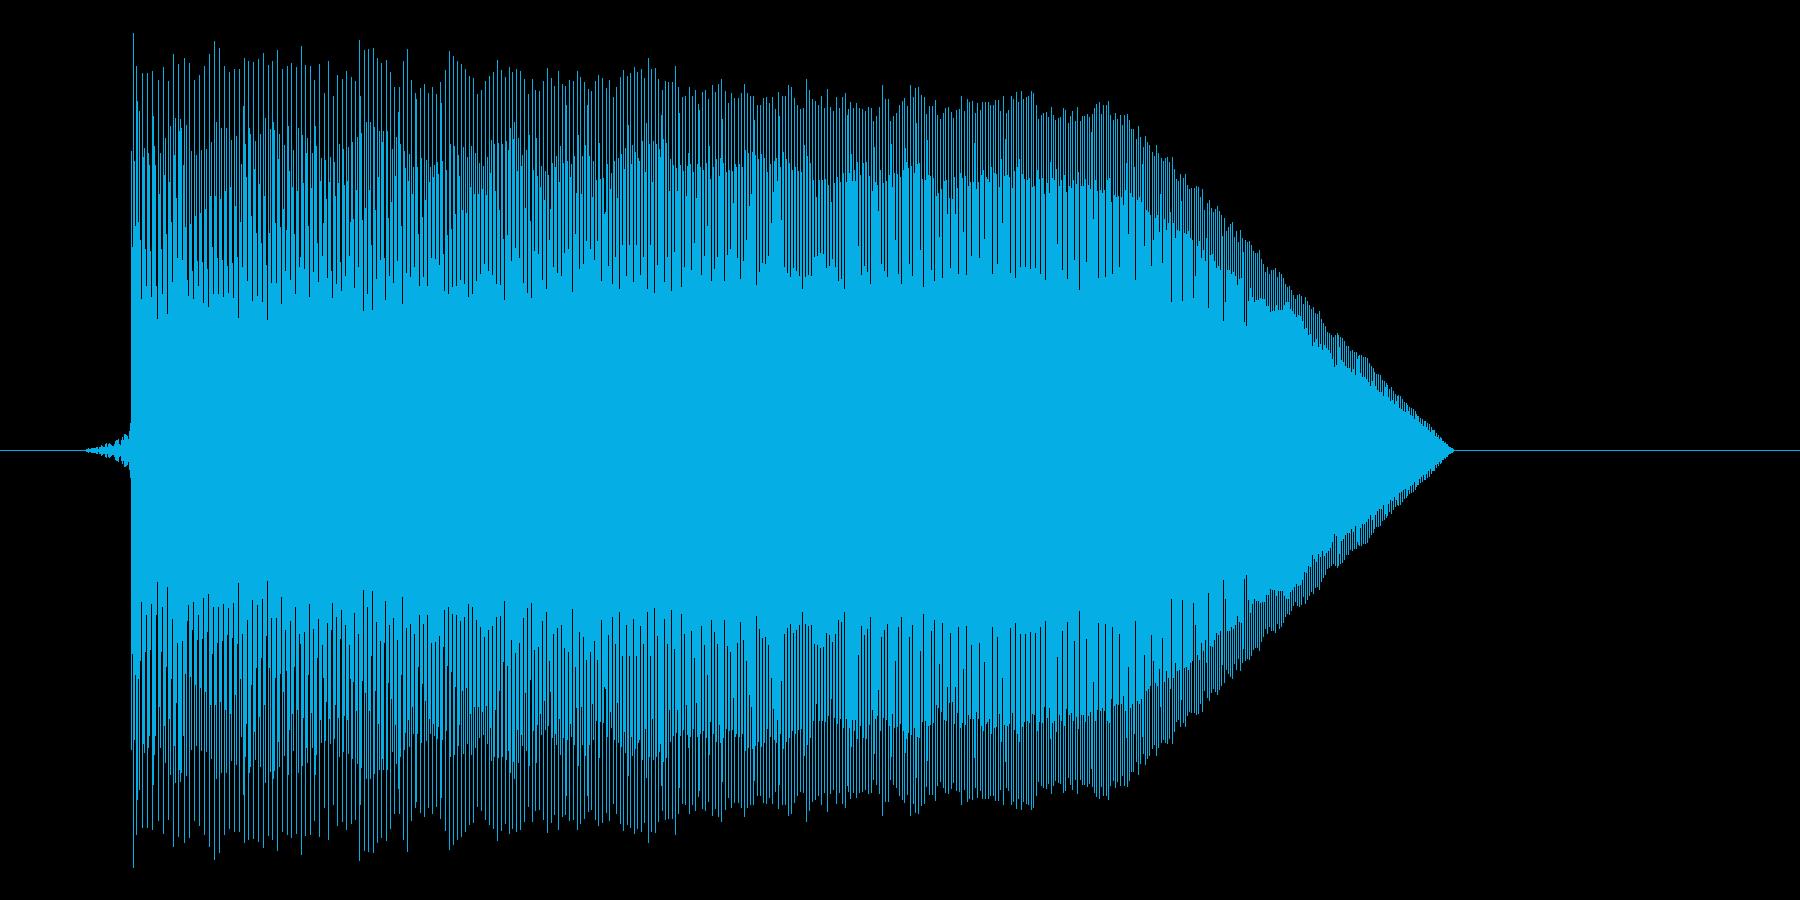 ゲーム(ファミコン風)ジャンプ音_004の再生済みの波形